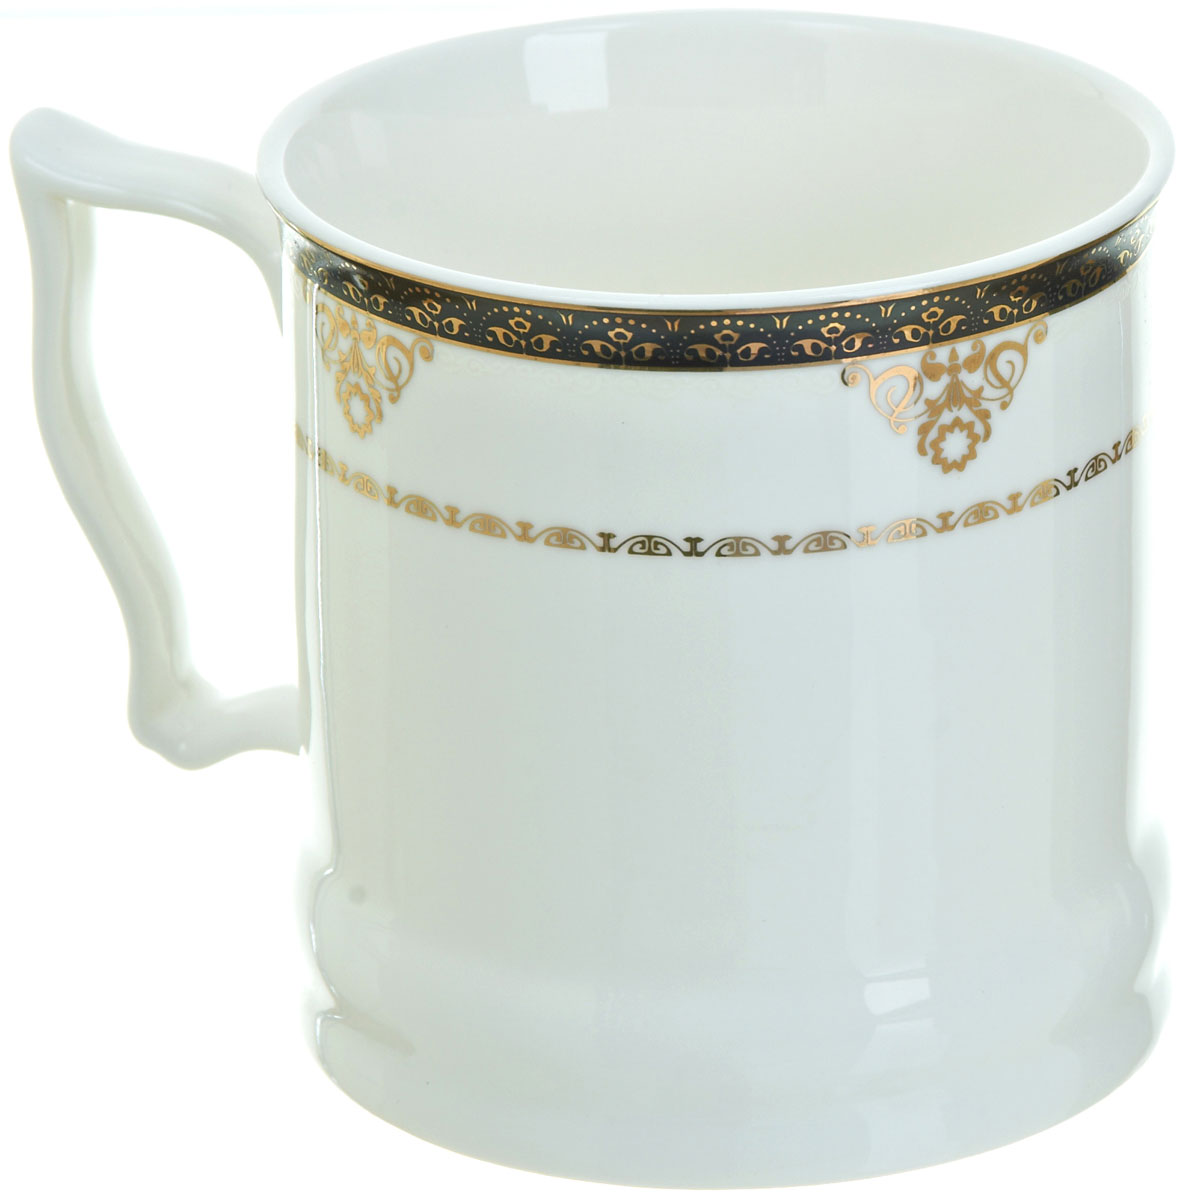 Кружка BHP Королевская кружка, 500 мл. M1870007115510Оригинальная кружка Best Home Porcelain, выполненная из высококачественного фарфора, сочетает в себе простой, утонченный дизайн с максимальной функциональностью. Можно использовать в посудомоечной машине.